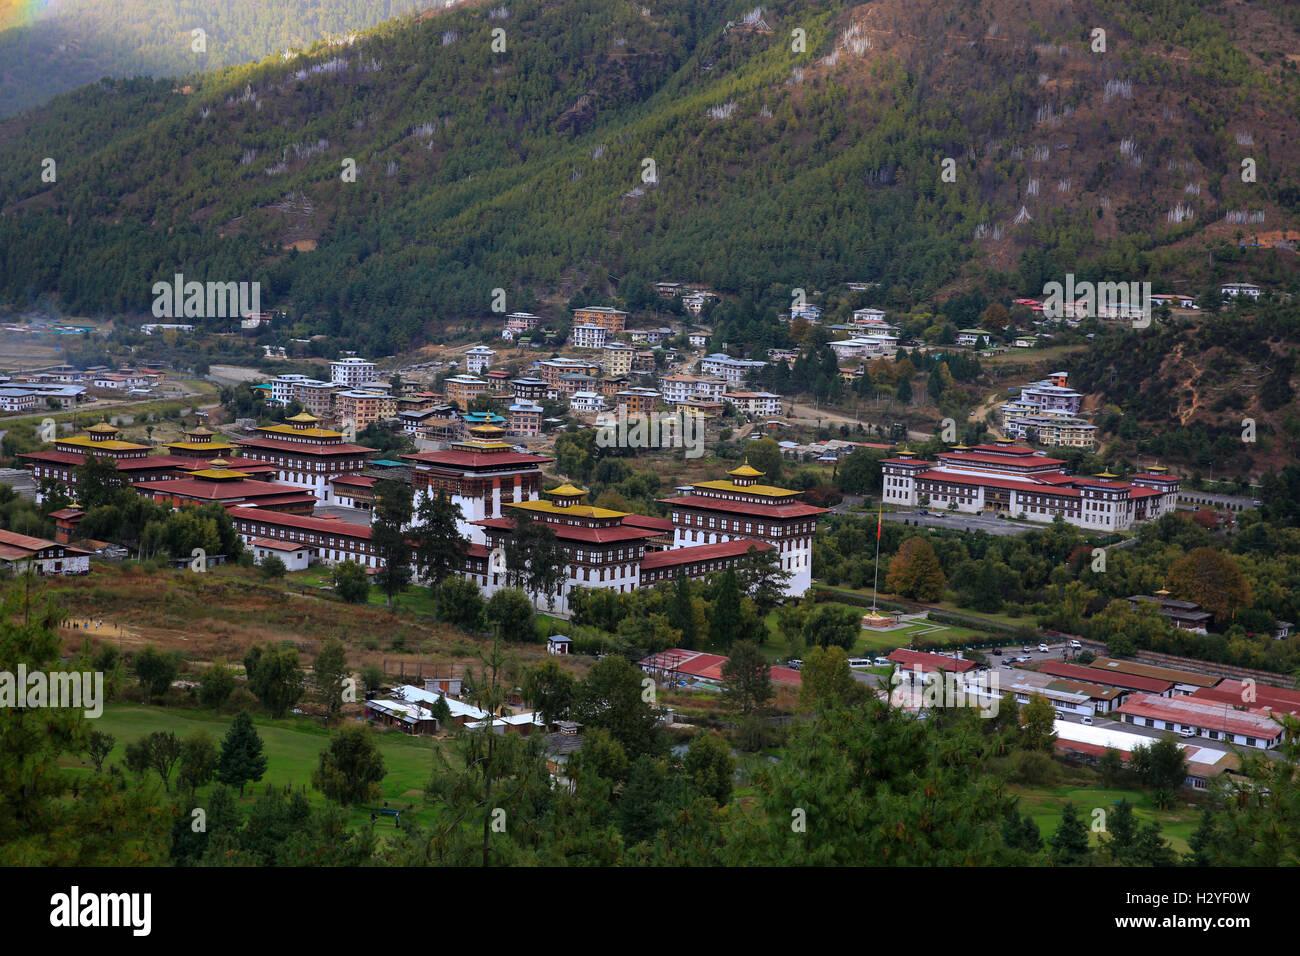 Le Tashichho Dzong est un monastère fortifié et palais du gouvernement dans la ville de Thimphu, Bhoutan. Photo Stock